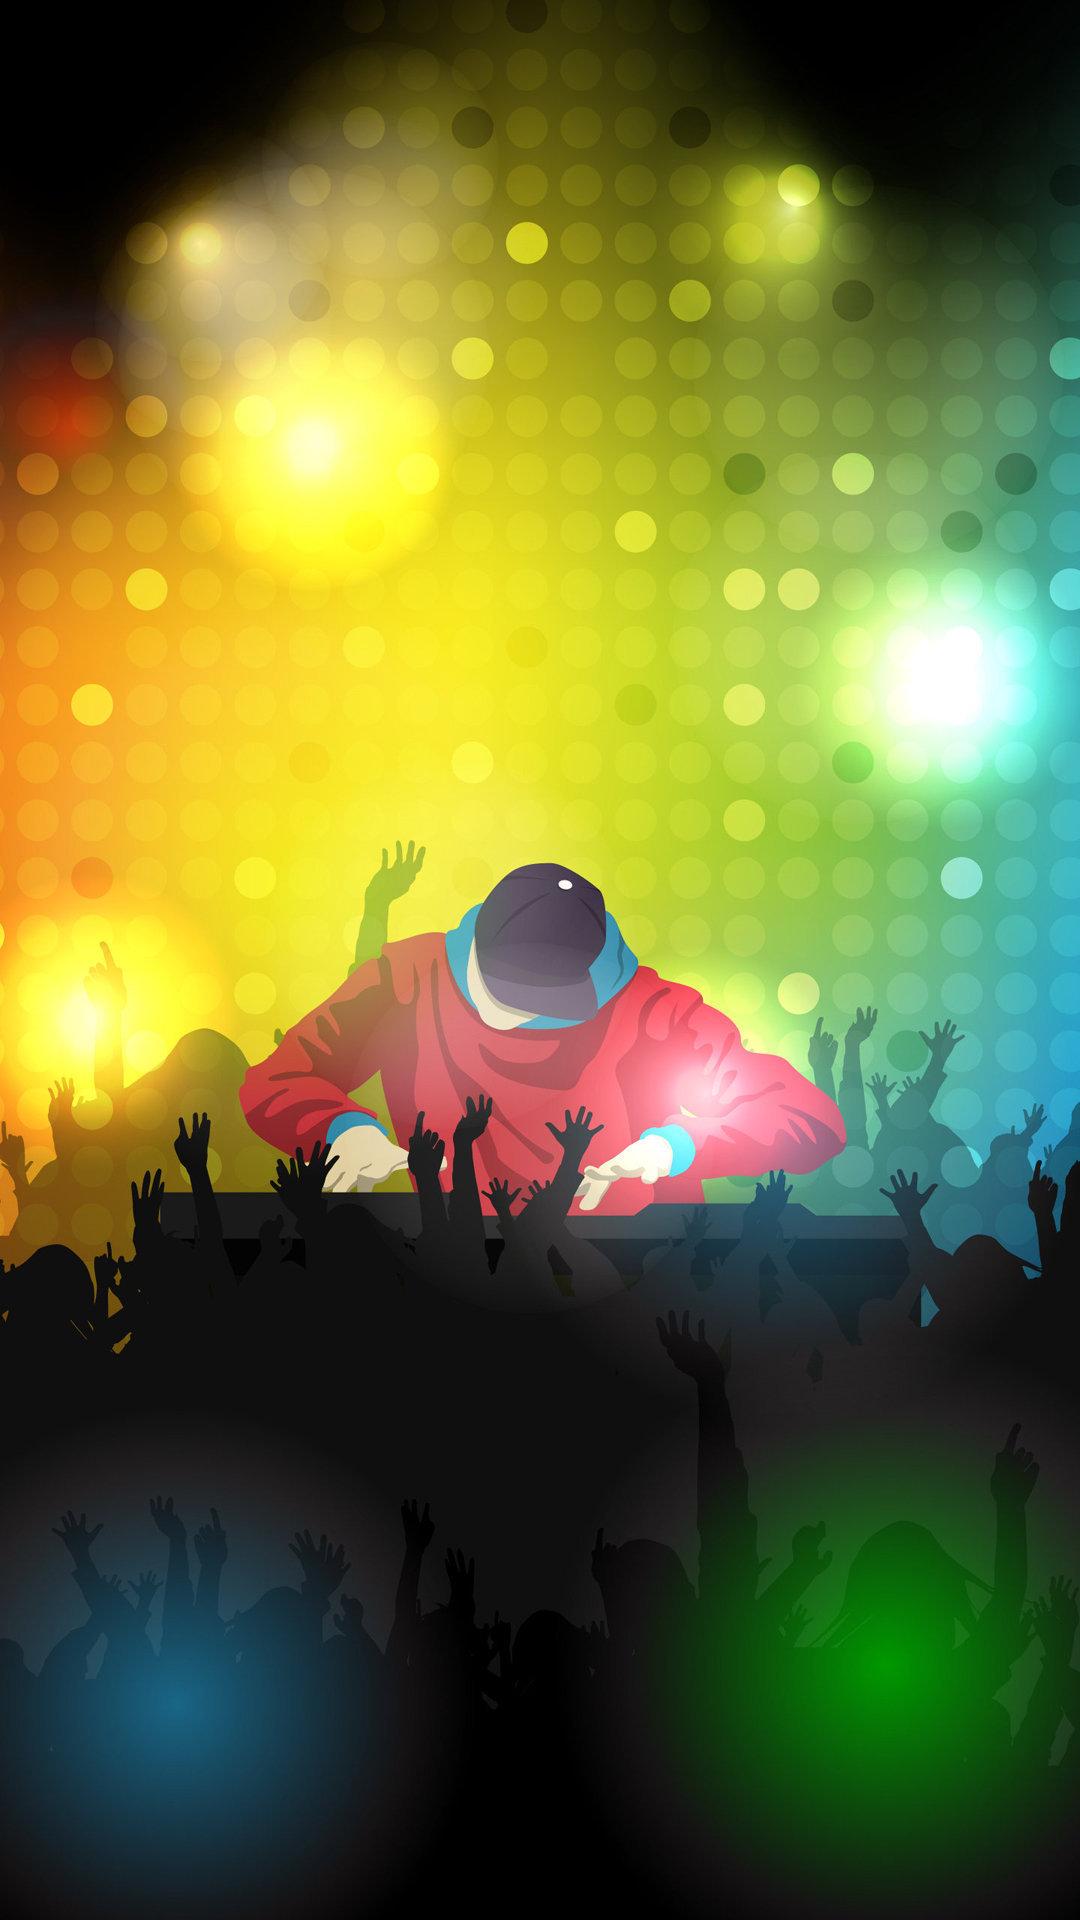 Club DJ iPhone Wallpaper HD